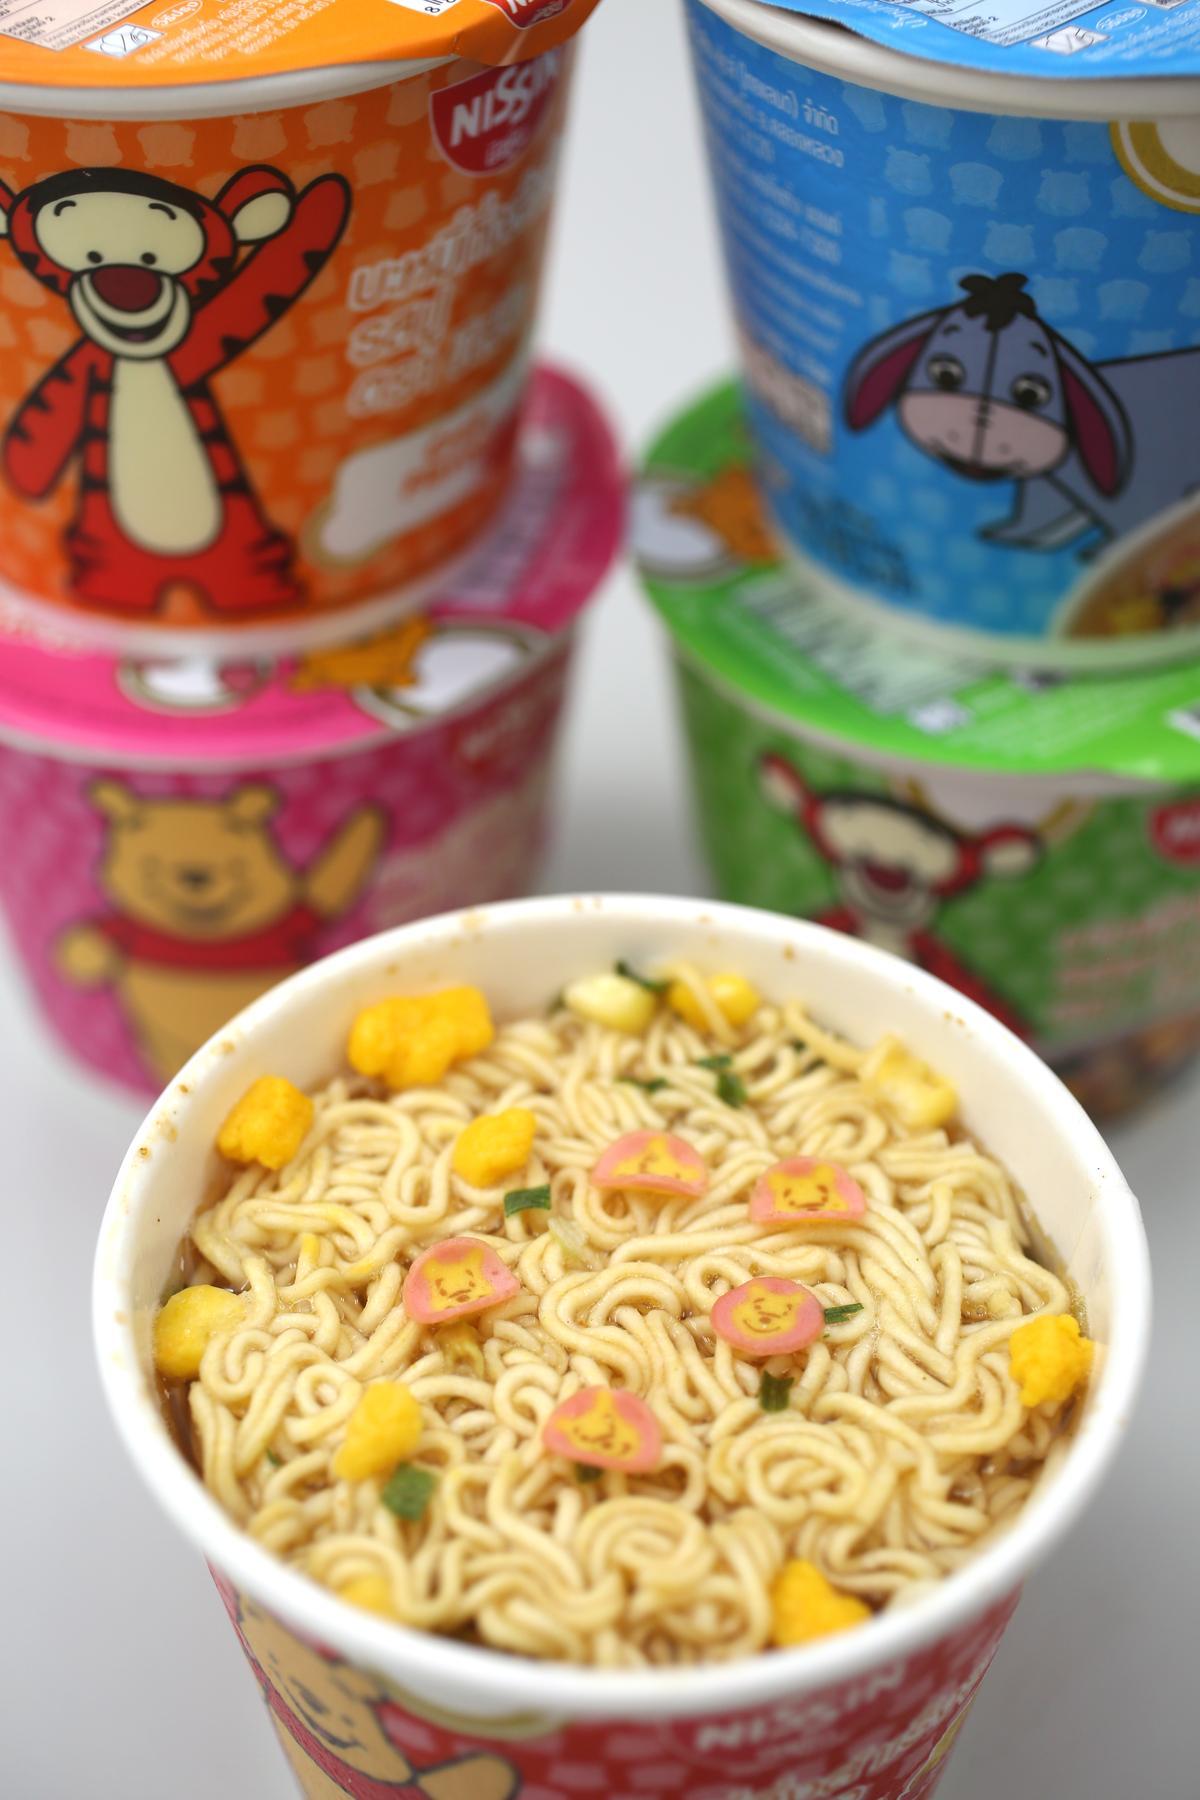 泰國限定版迪士尼日清小杯麵,1套有5款造型,深受年輕女性喜愛。(1杯/19元)